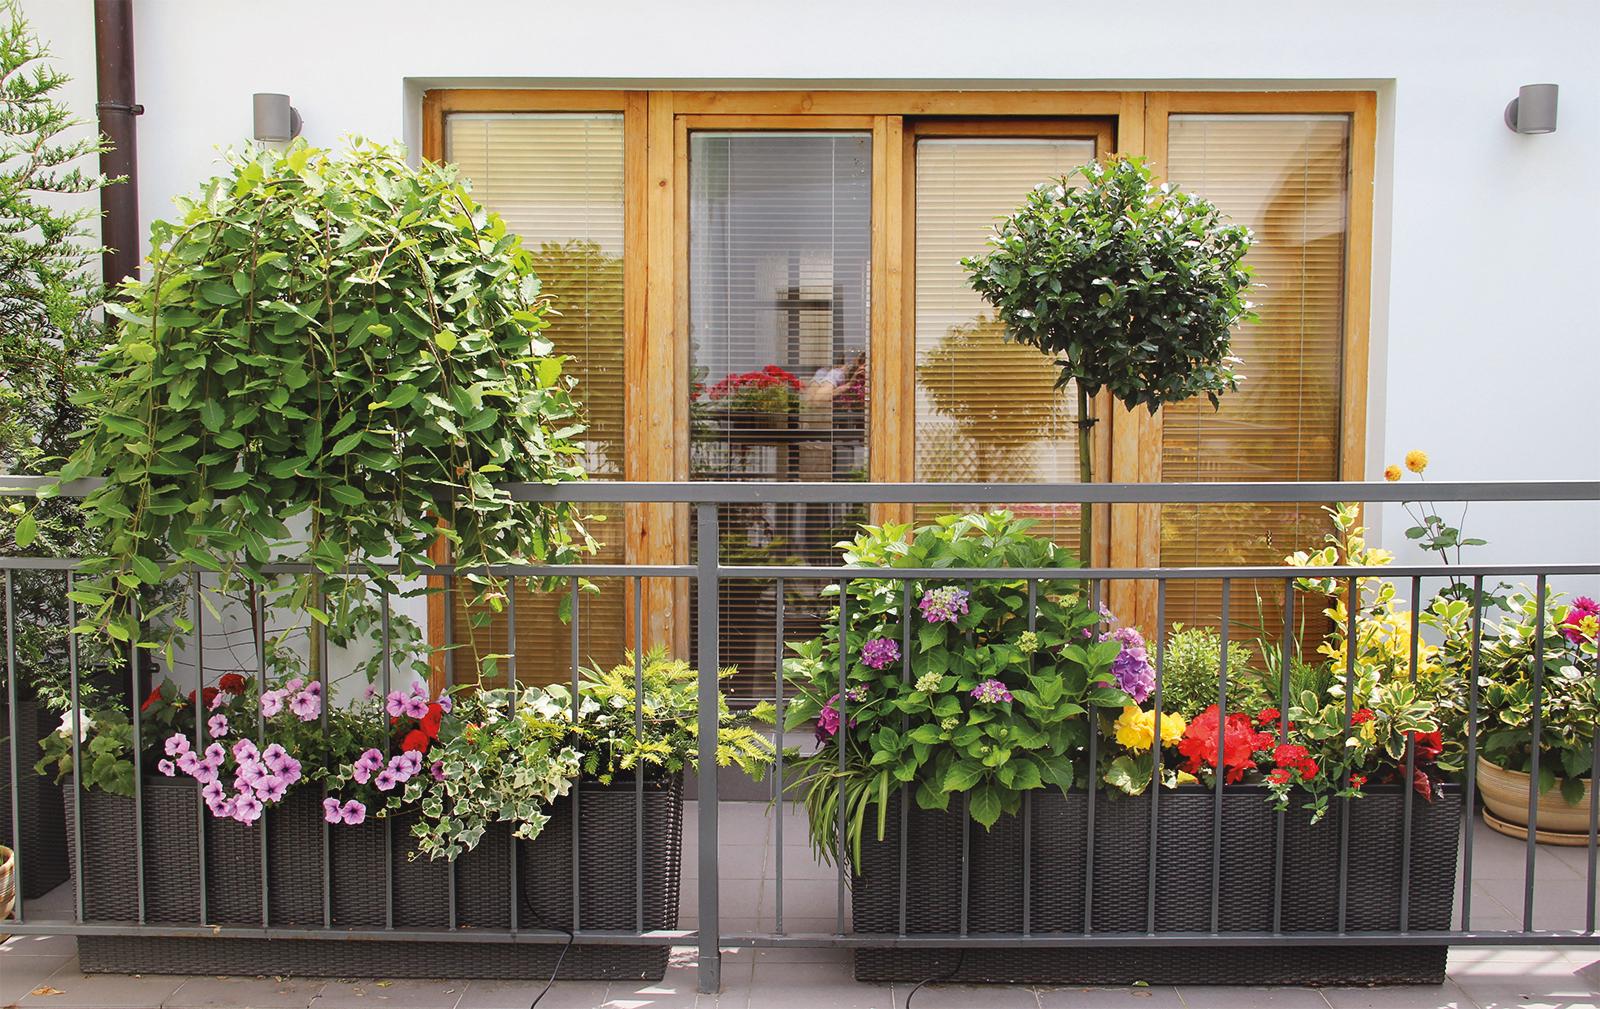 Créer son jardin urbain